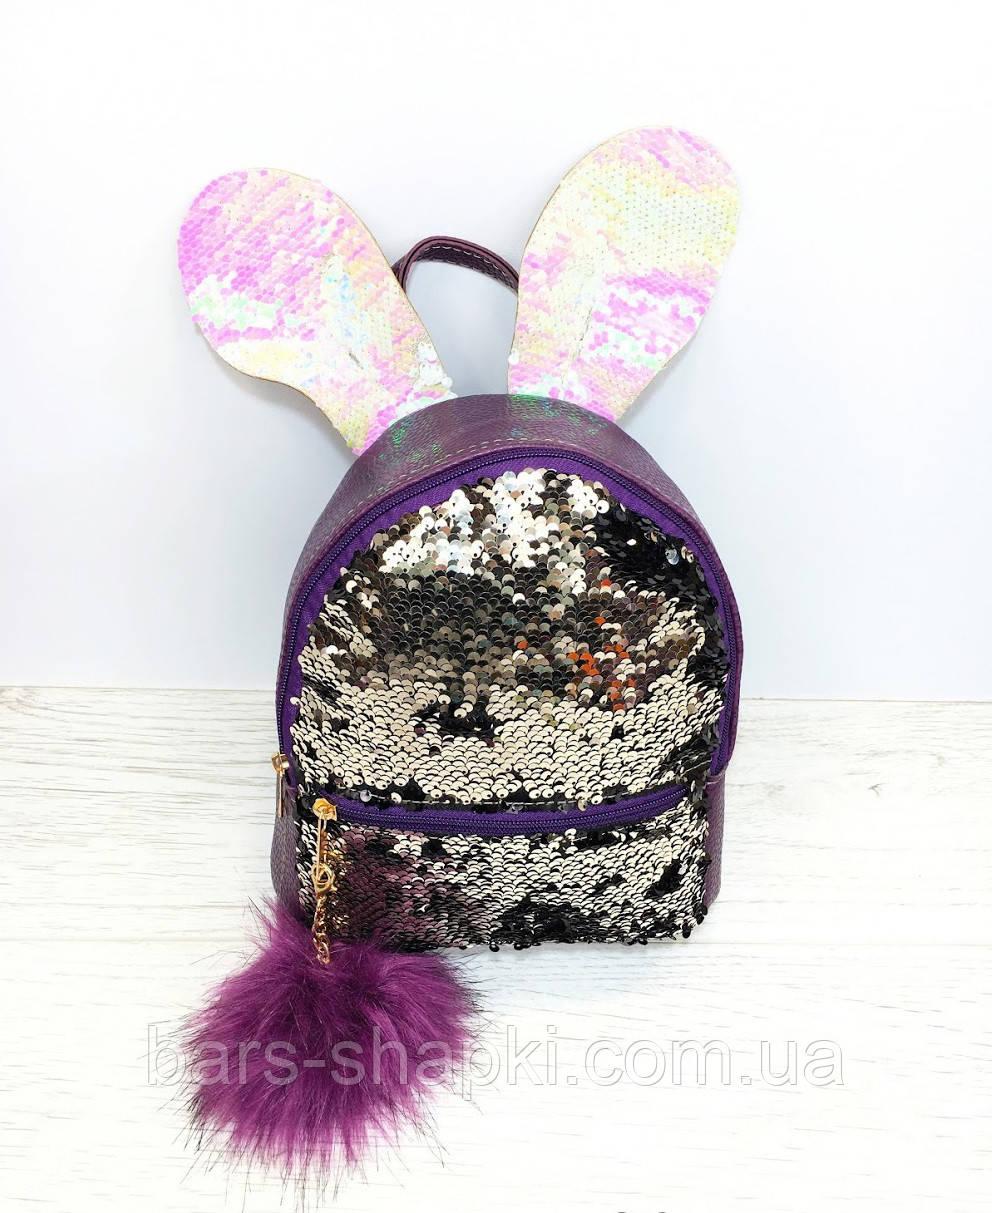 Стильный городской рюкзак с ушками и двусторонними пайетками и меховым помпоном. Цвет фиолетовый